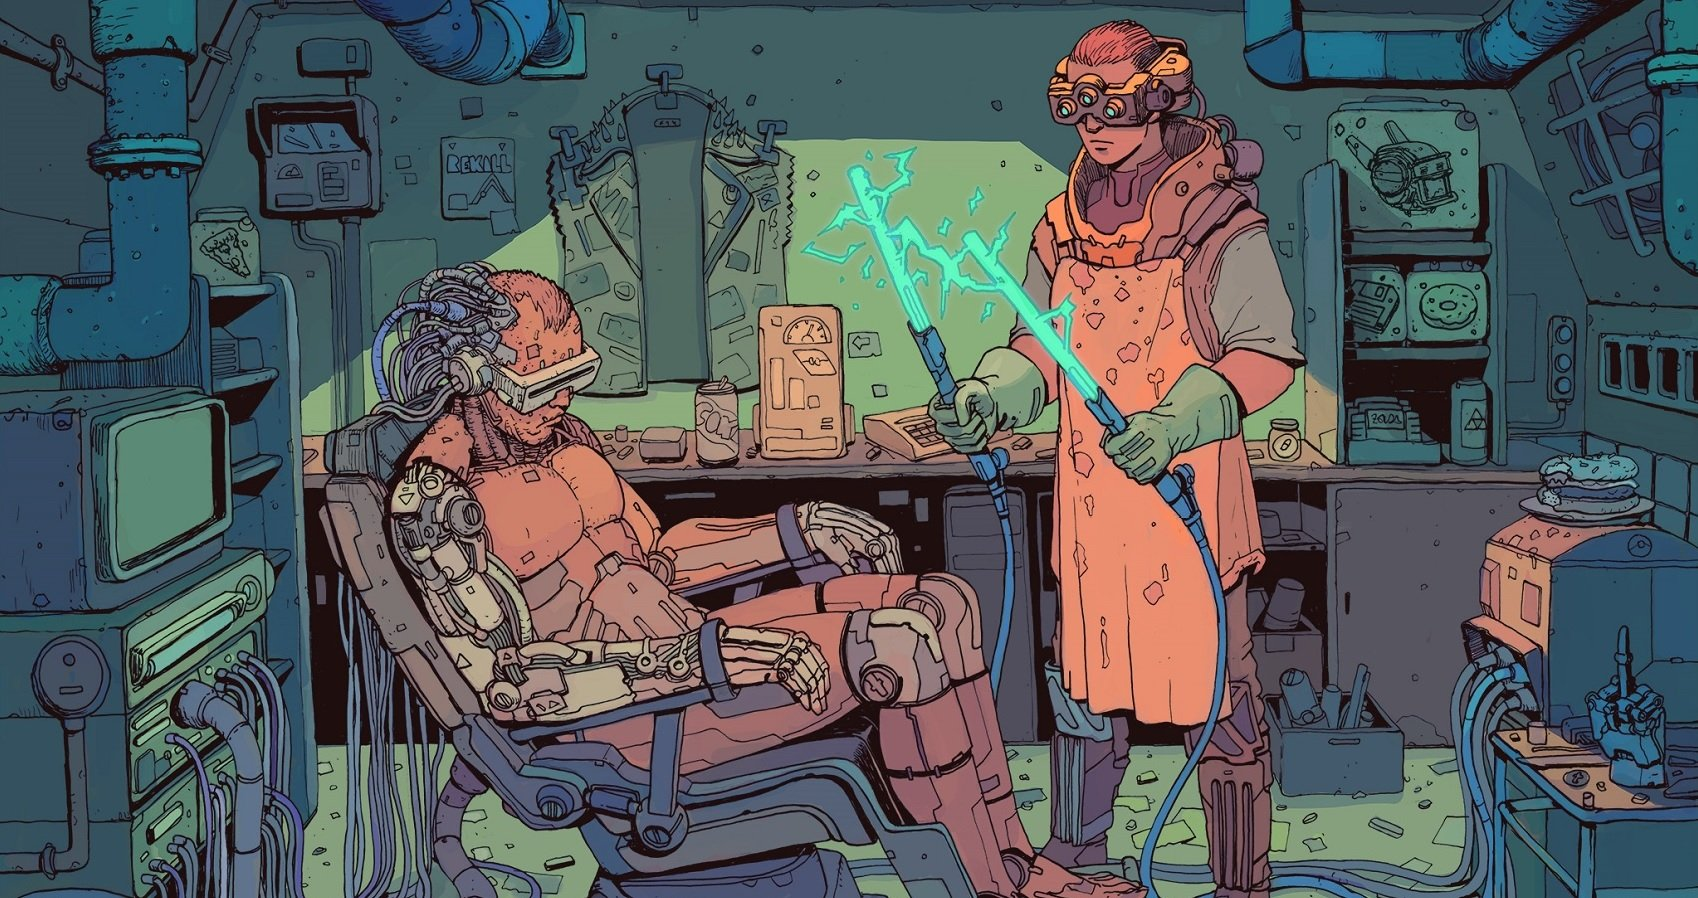 2017 7511 год по старому стилю 25 мая будущее киберпанк отвратительные мужики disgusting men